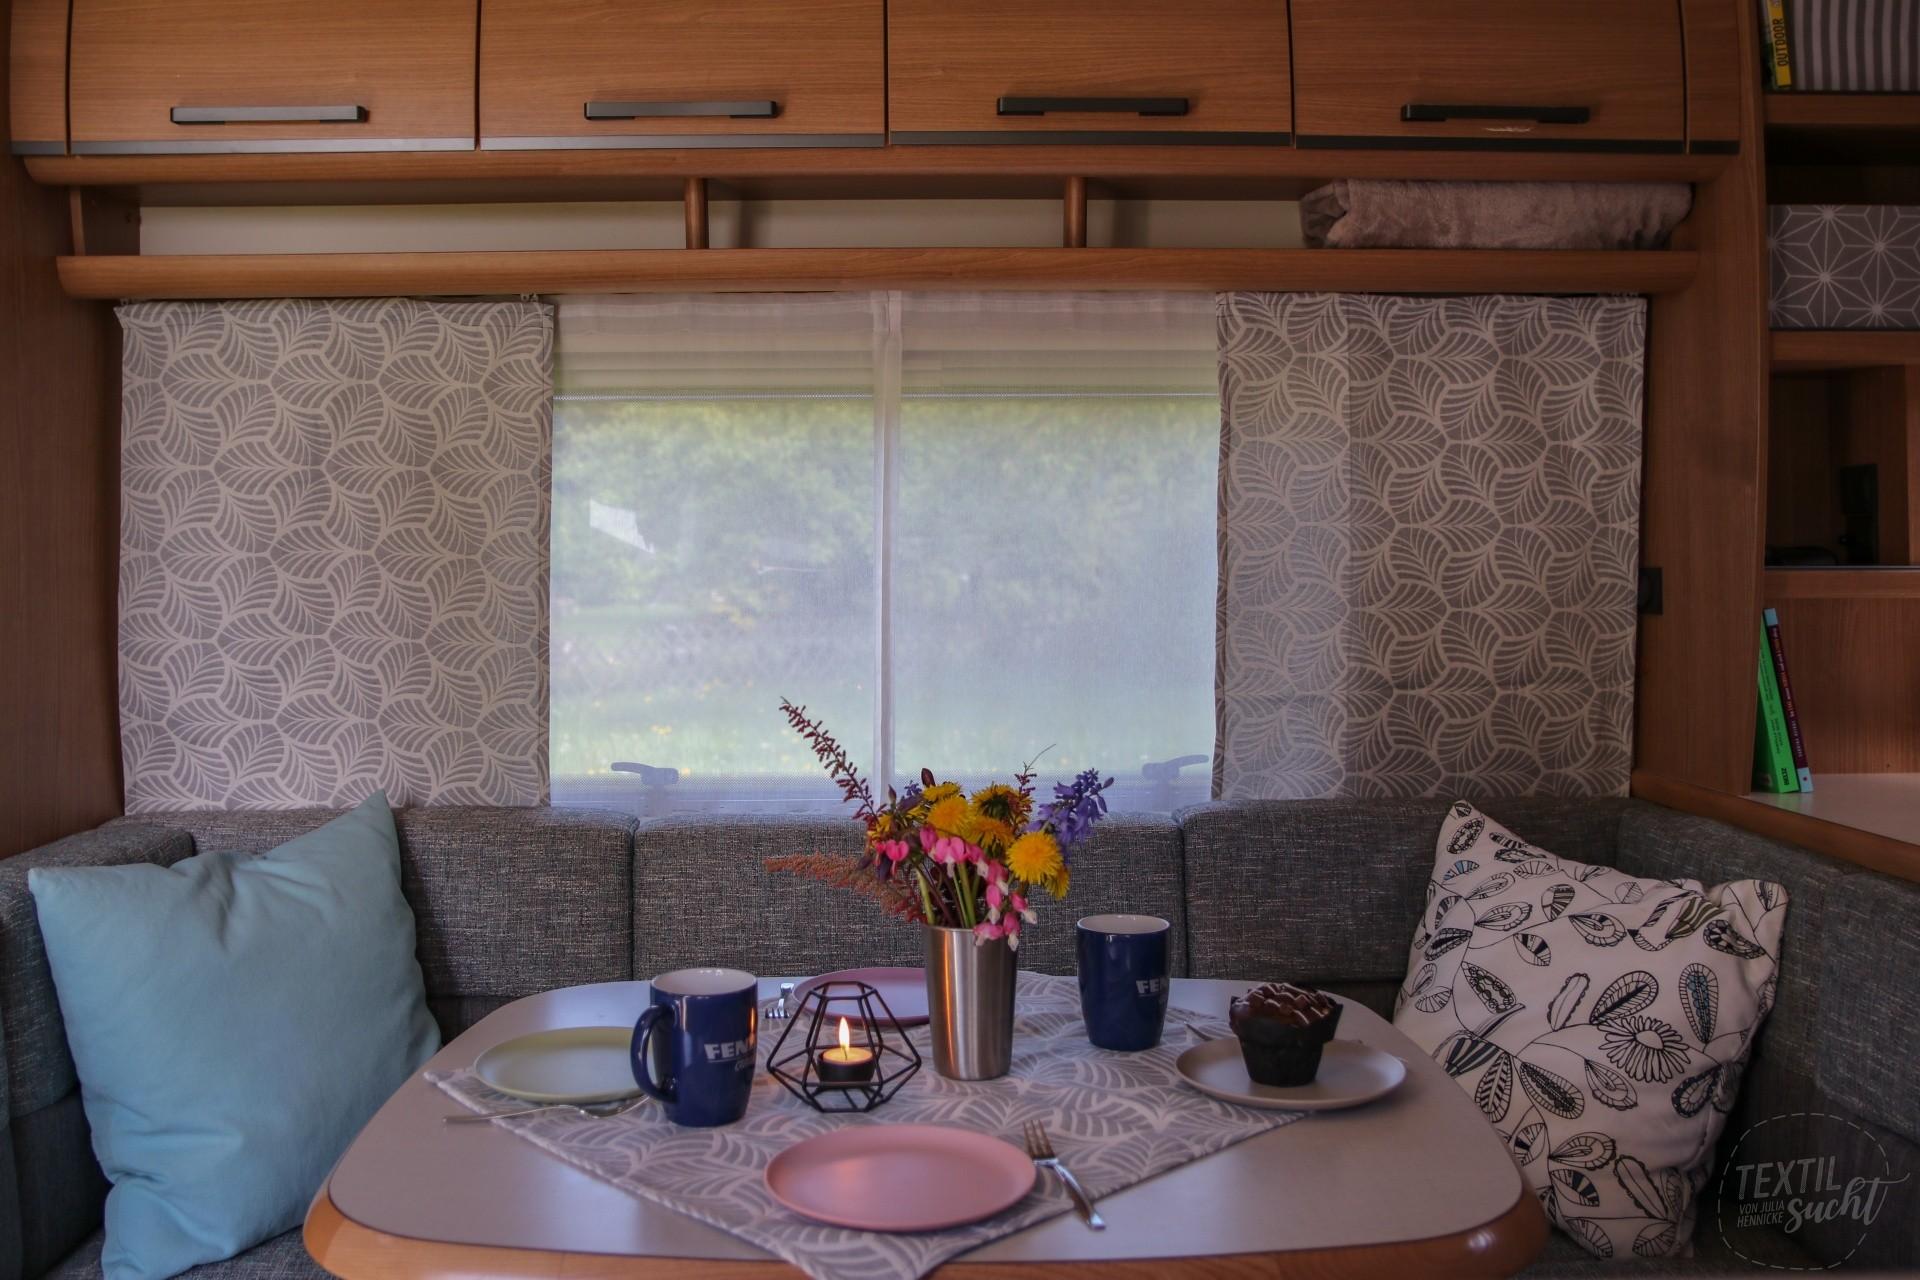 Full Size of Gardinen Nähen Nhen Schlagworte Textilsucht Fenster Für Wohnzimmer Scheibengardinen Küche Schlafzimmer Die Wohnzimmer Gardinen Nähen